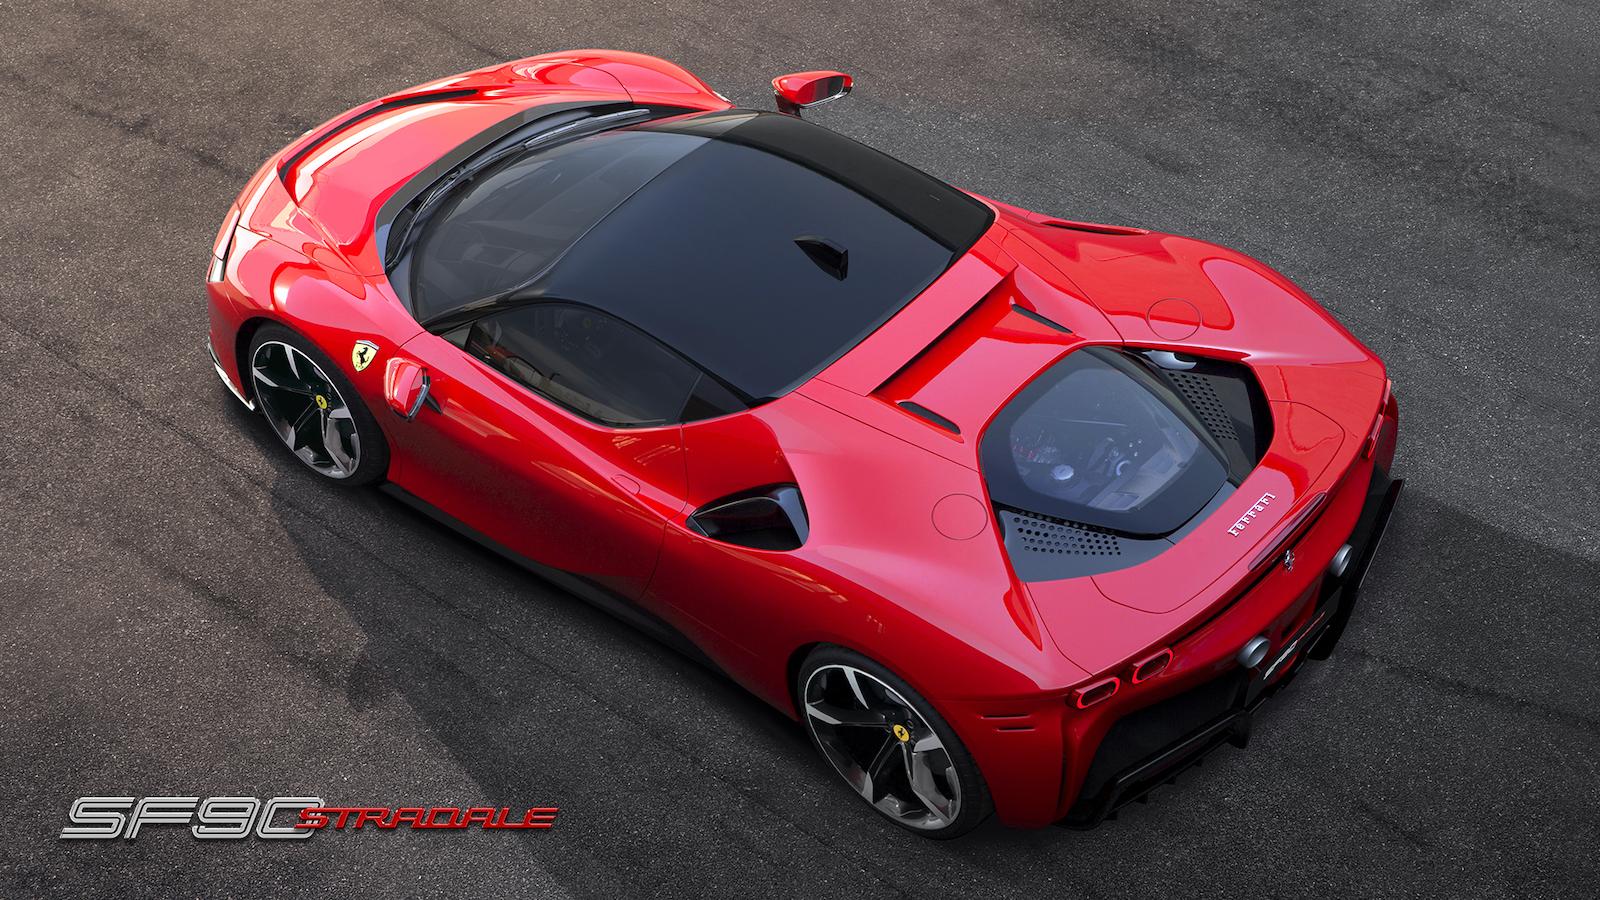 Das Ist Der Brandneue Ferrari Sf90 Stradale Trackdaysport